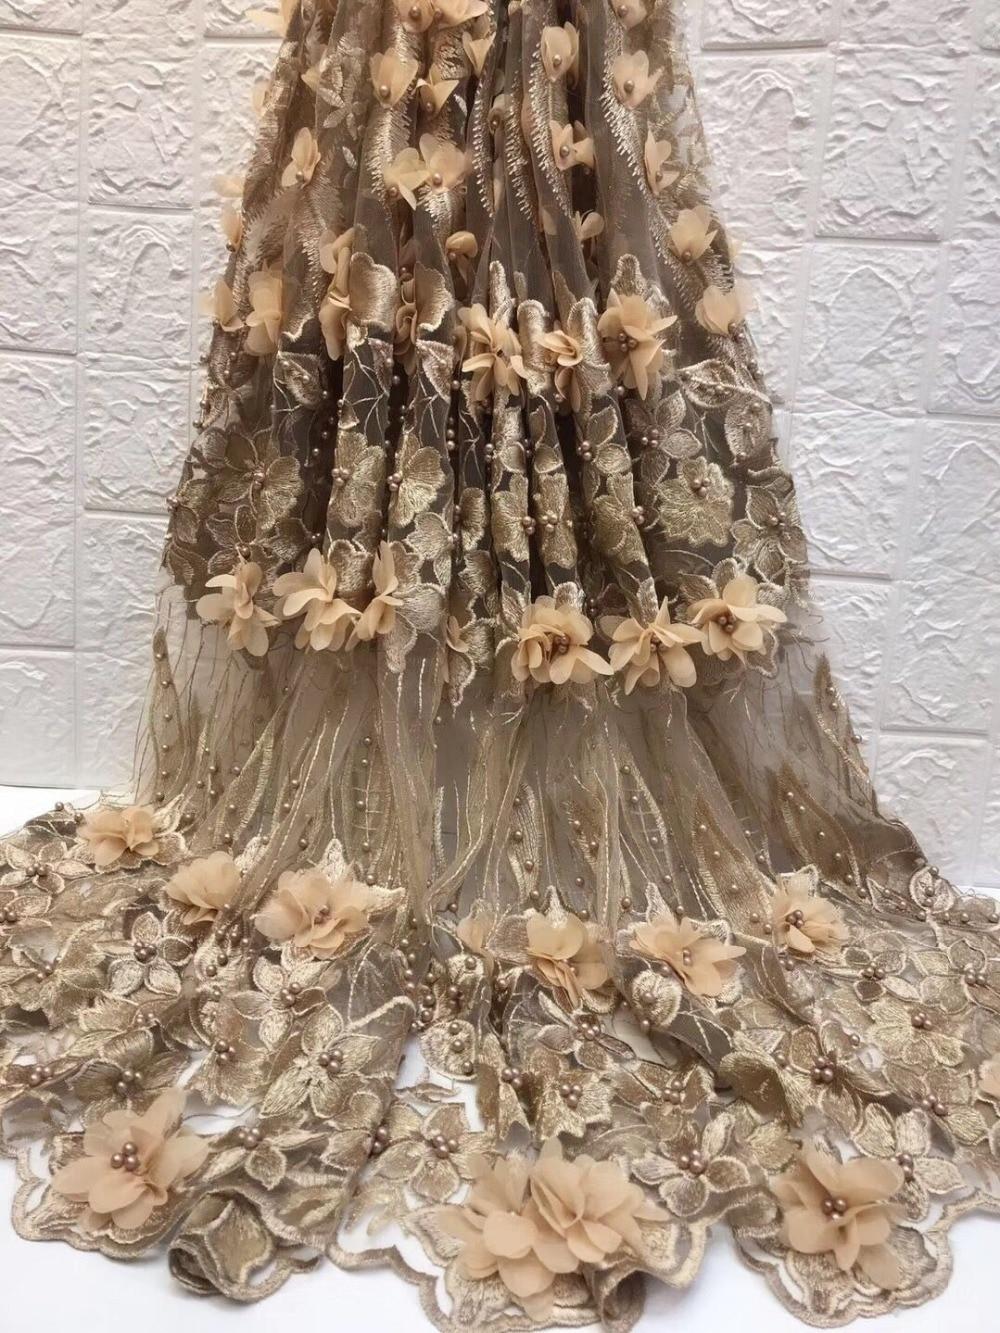 Nigeria Spitze Für Kleidung Bestickt Tüll Spitze Nähen Material Auf Verkauf 3d Afrikanische Blume Bestickt Tüll Spitze Mit Perlen-in Spitze aus Heim und Garten bei  Gruppe 1